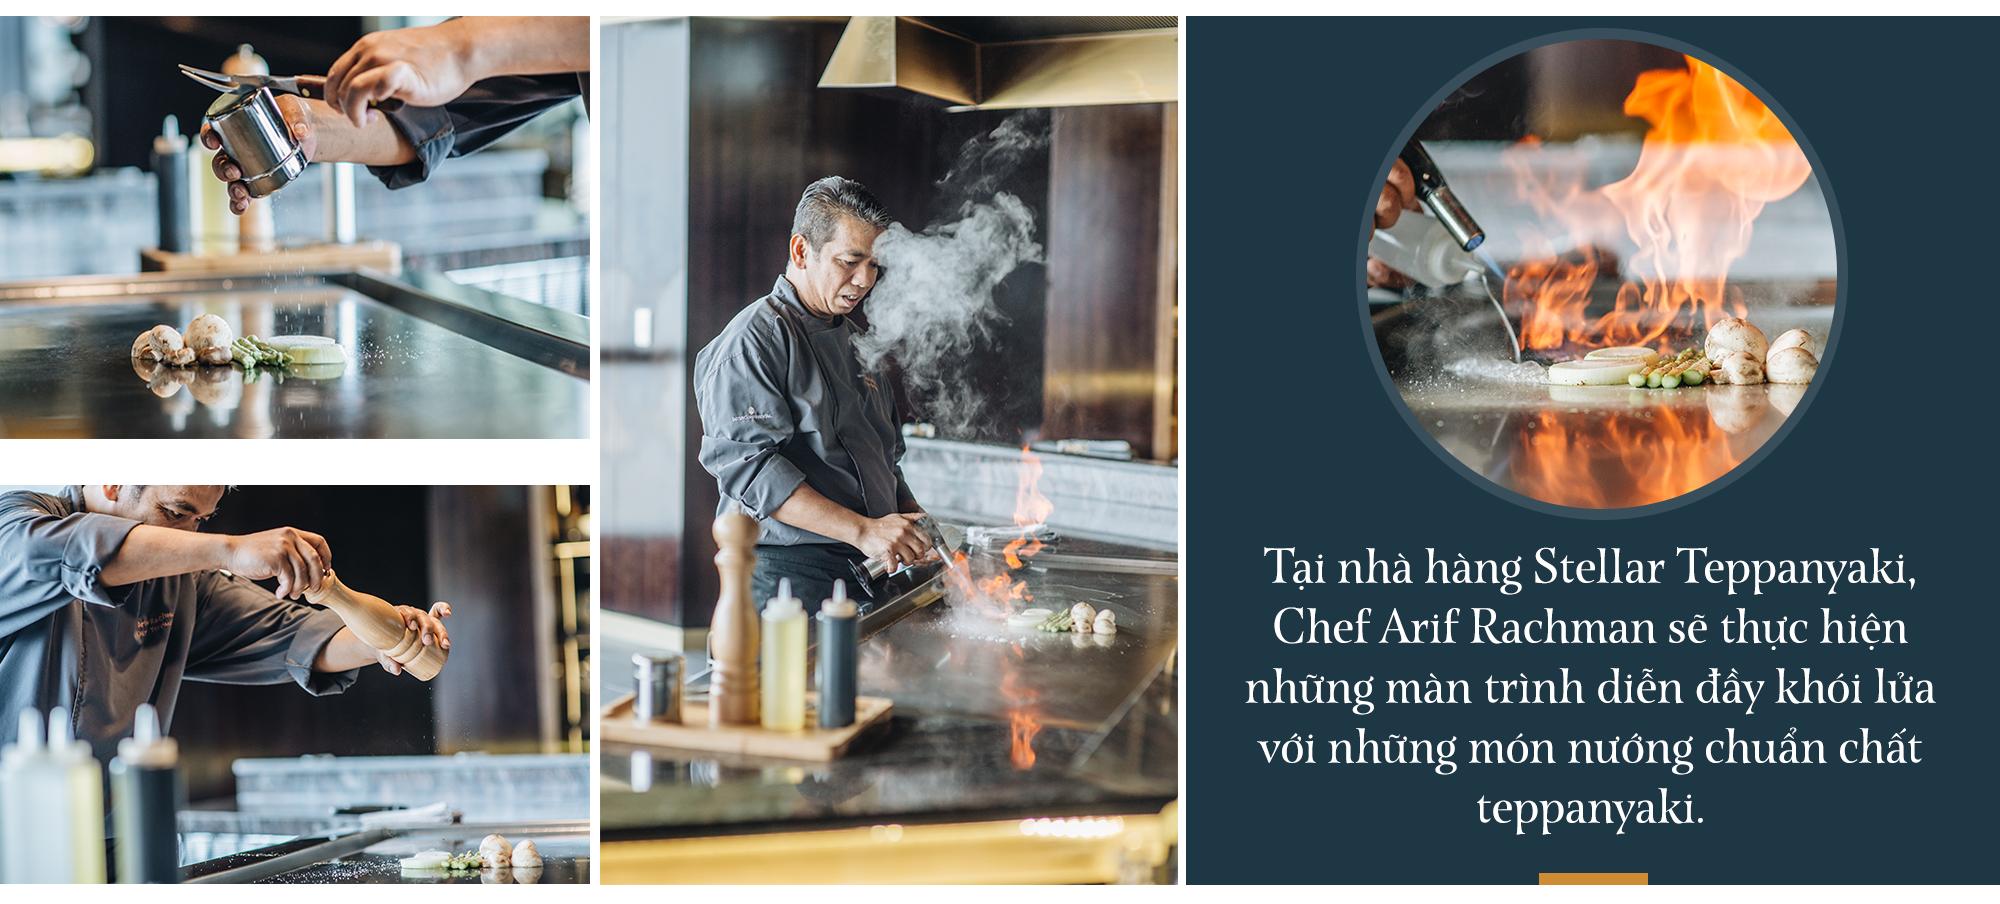 Hành trình của những miếng thịt bò tuyệt hảo theo chân đầu bếp châu Âu trứ danh tới Việt Nam - Ảnh 10.